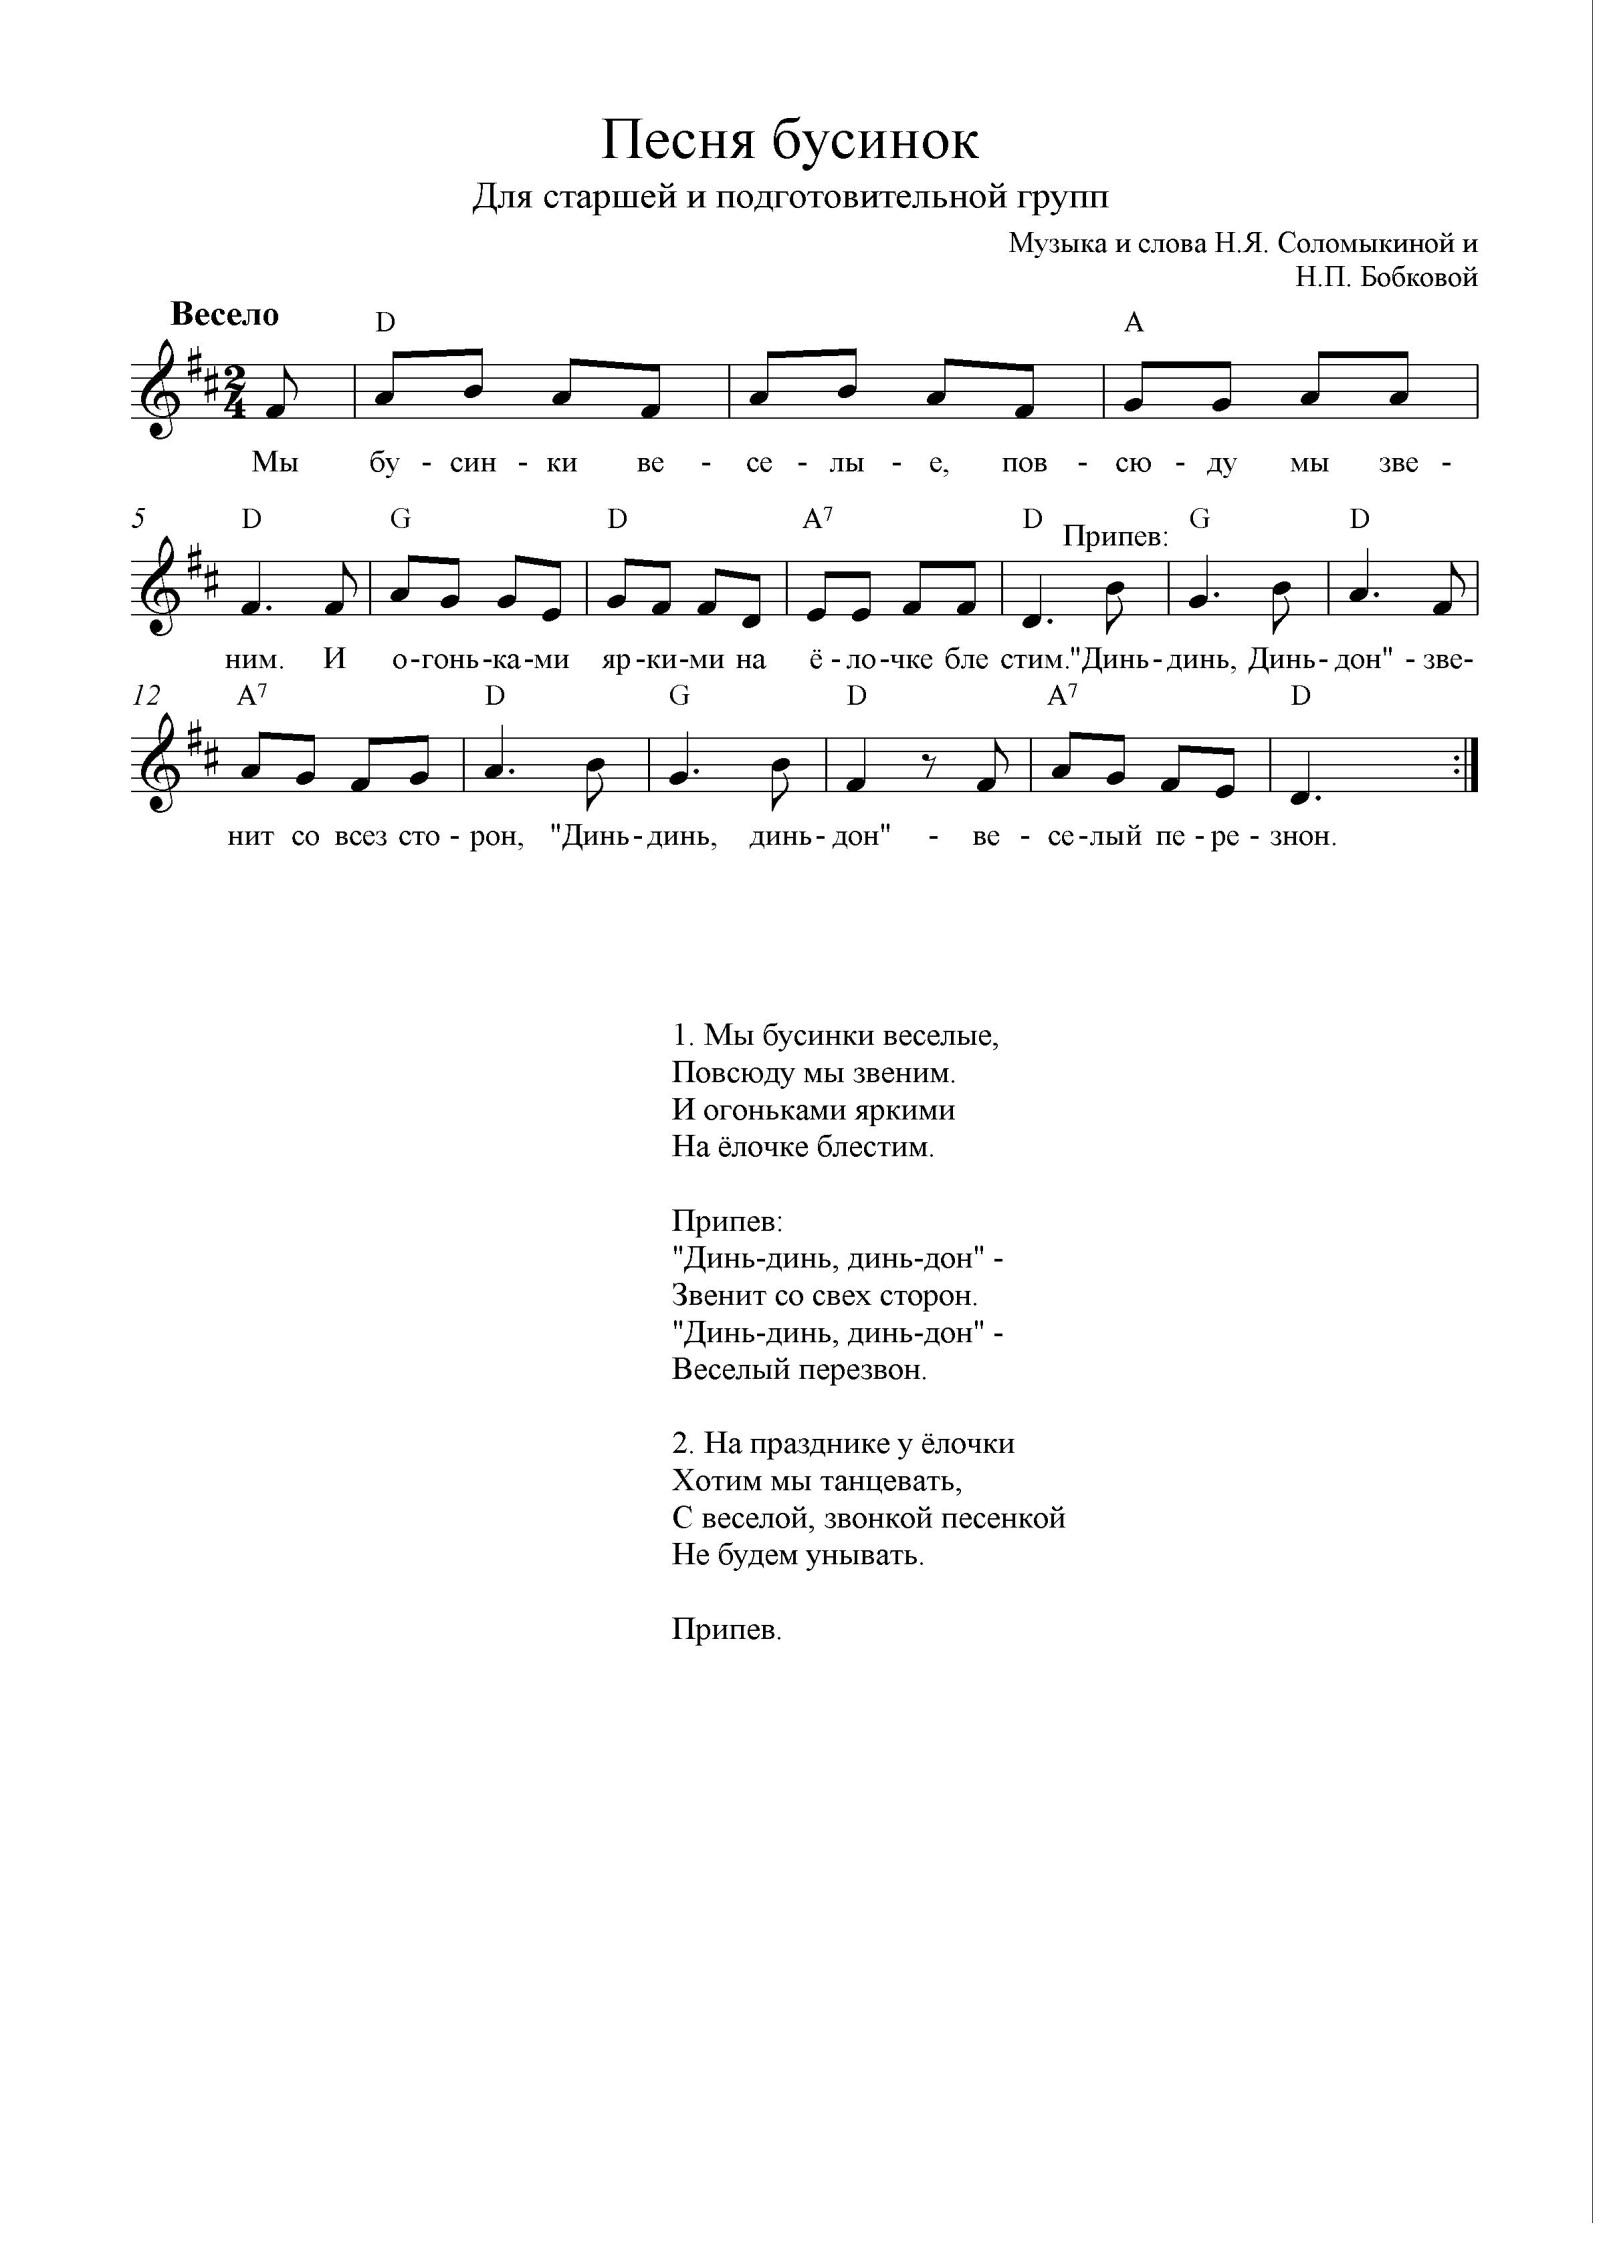 ПЕСНЯ ПОТЕРЯЛА ЕЛОЧКА БУСИНКИ СВОИ СКАЧАТЬ БЕСПЛАТНО